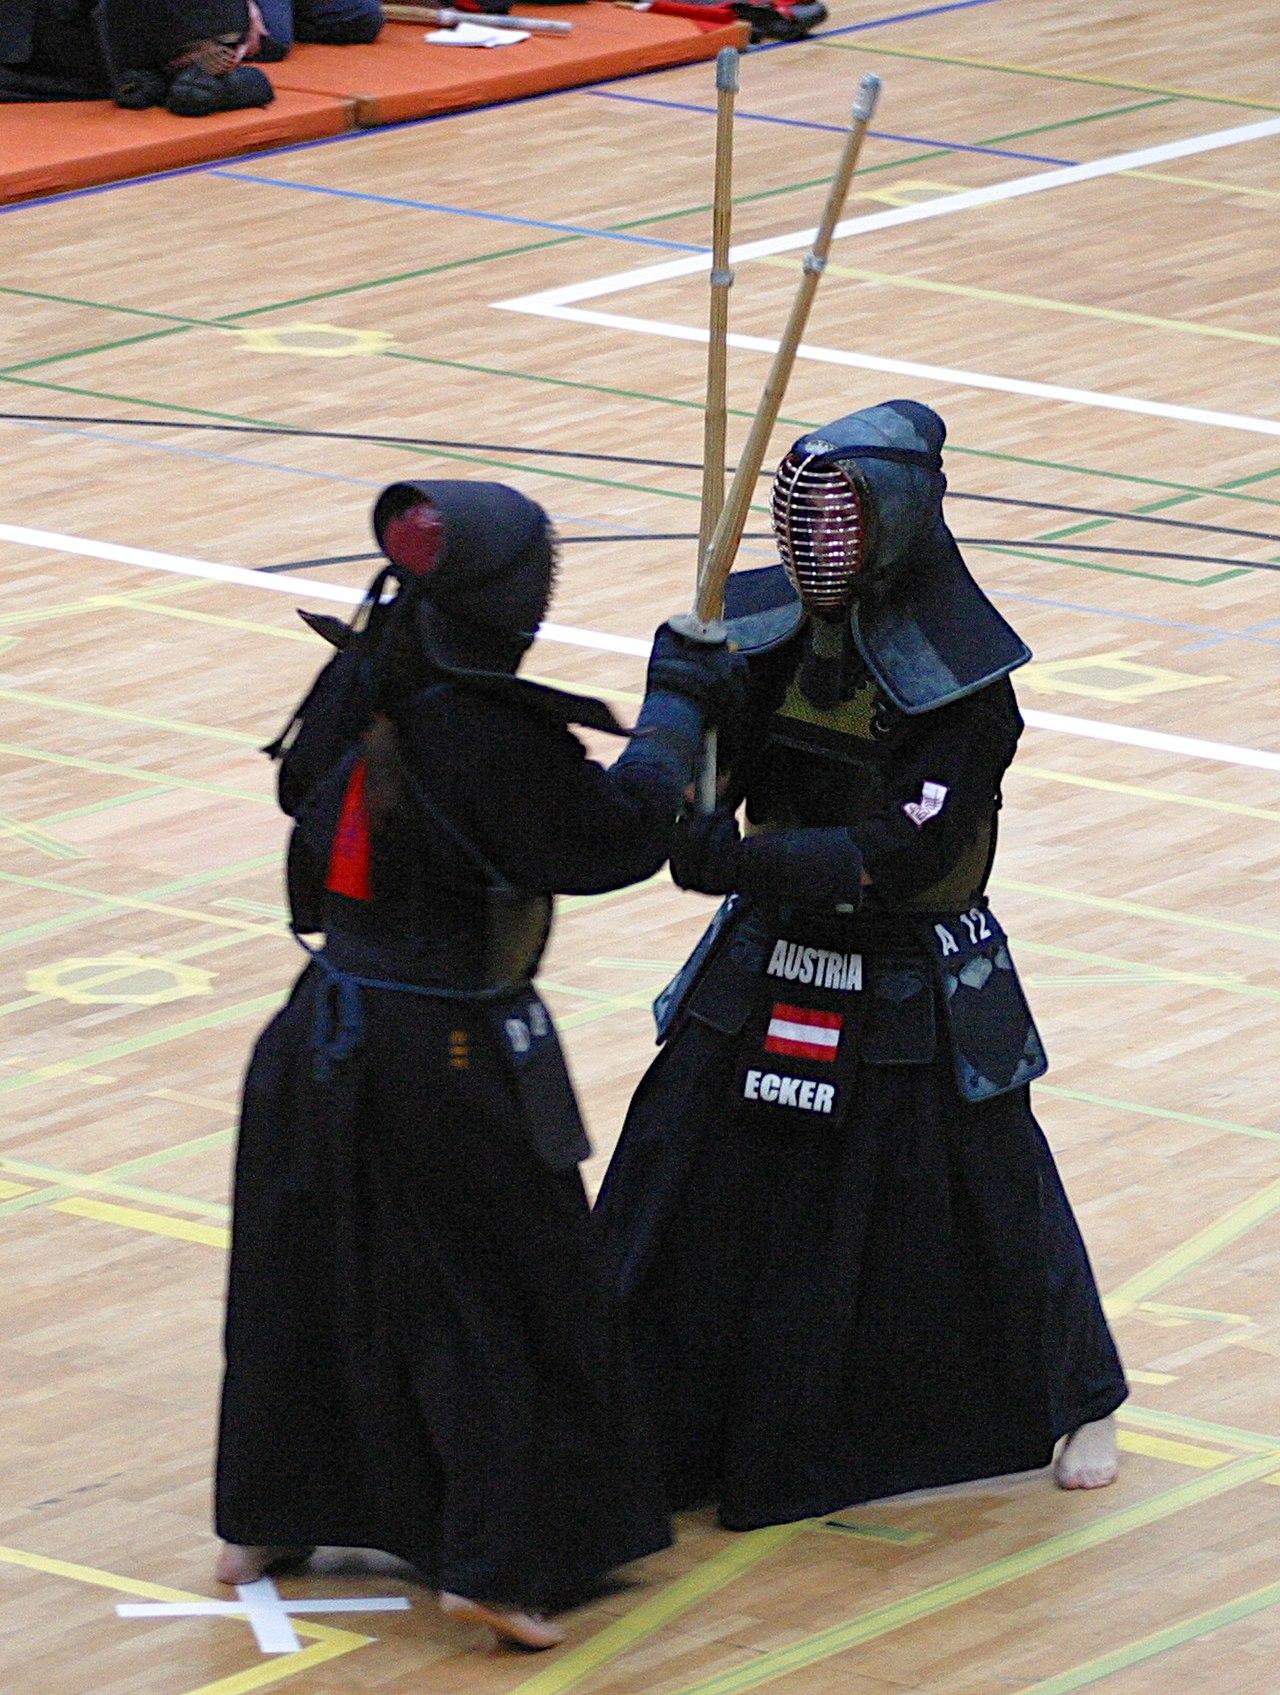 剣道の試合中の鍔迫り合い